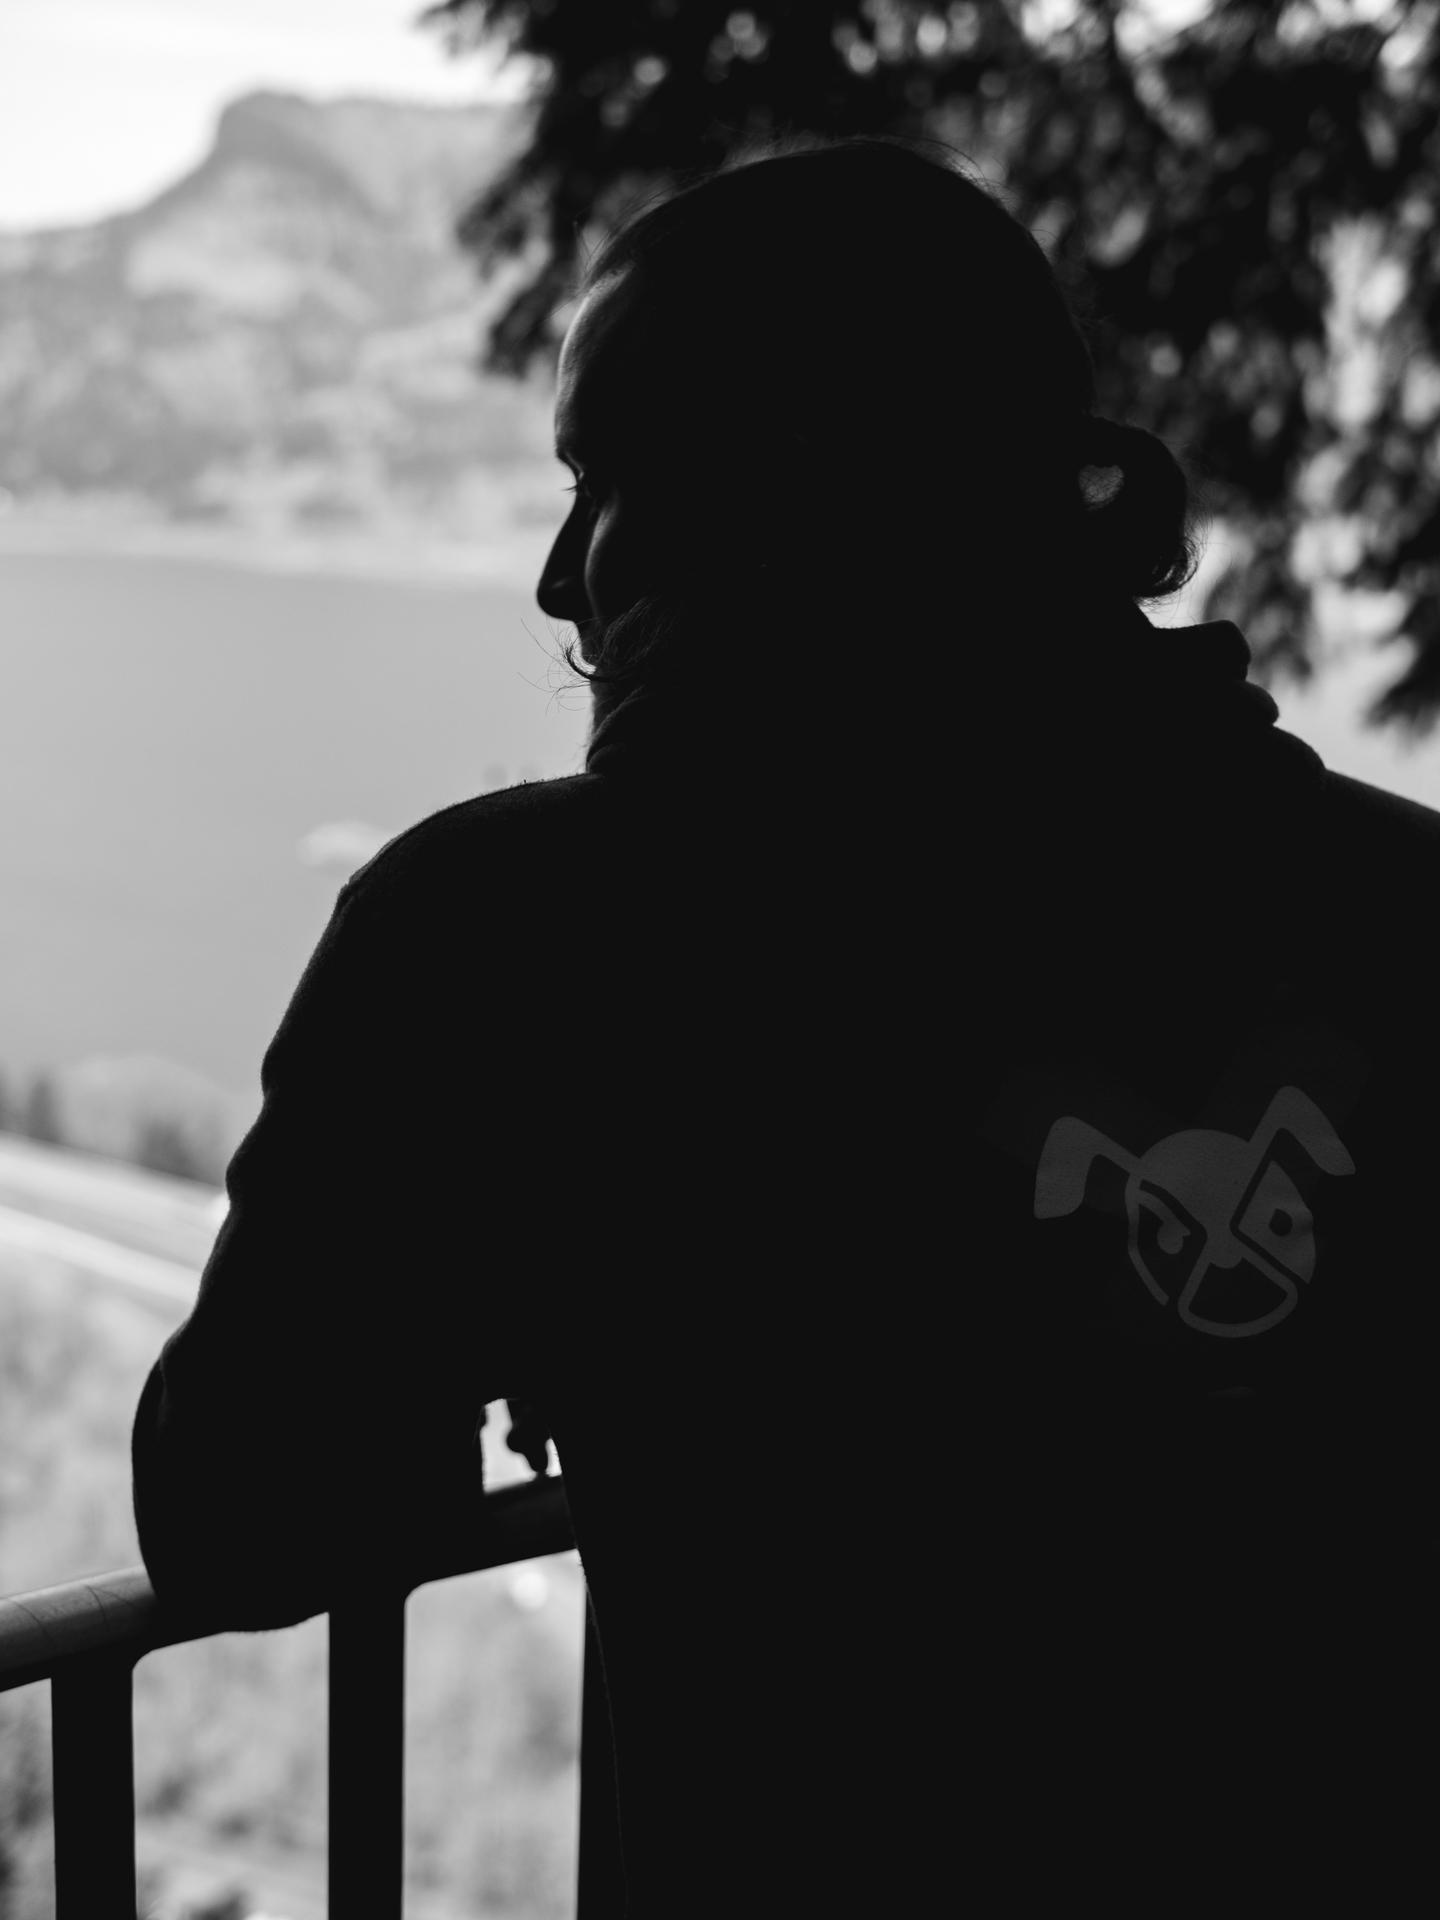 fabian silhouette